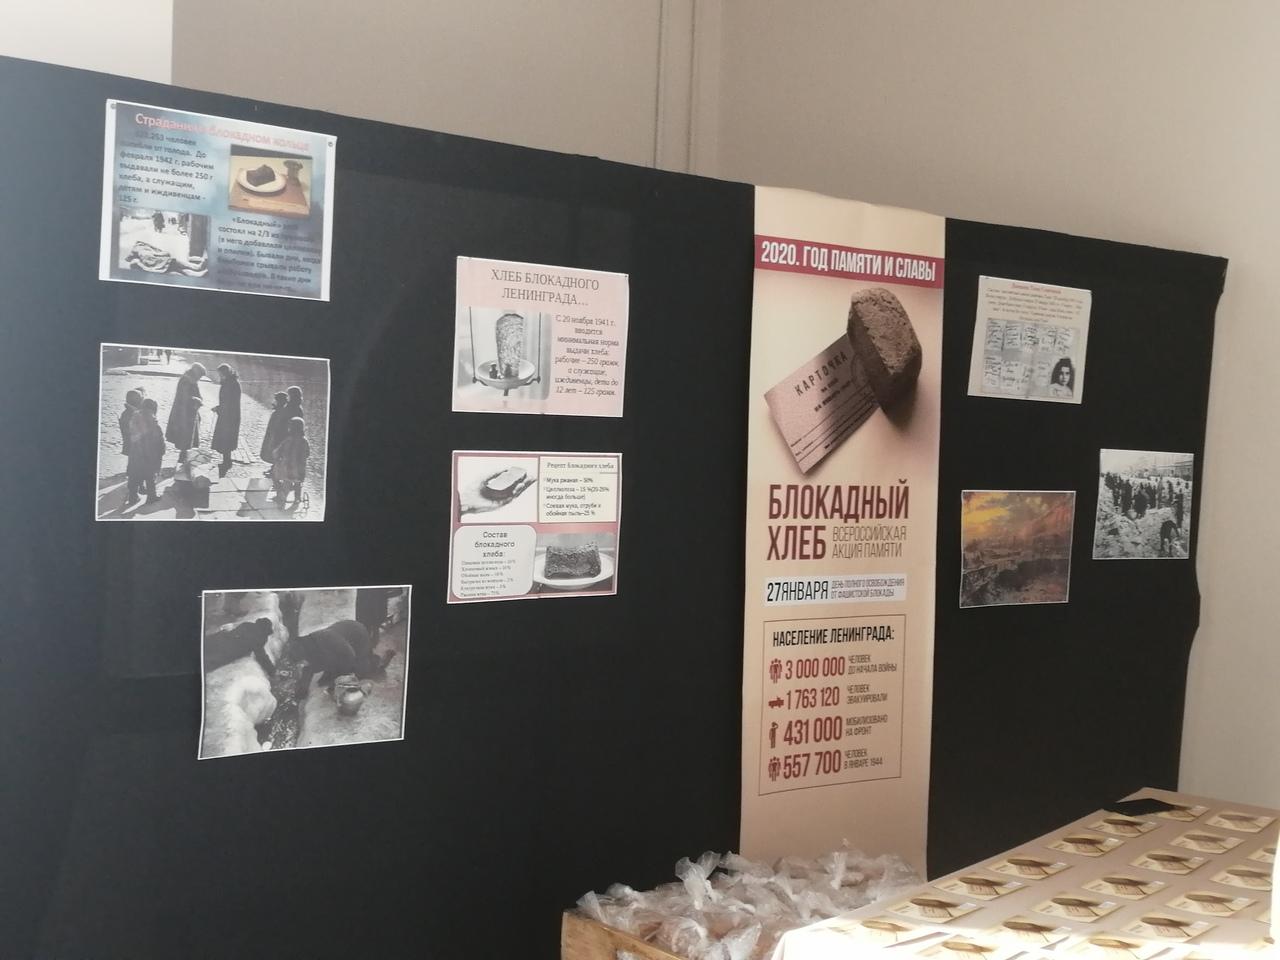 Всероссийская Акция «Блокадный хлеб»